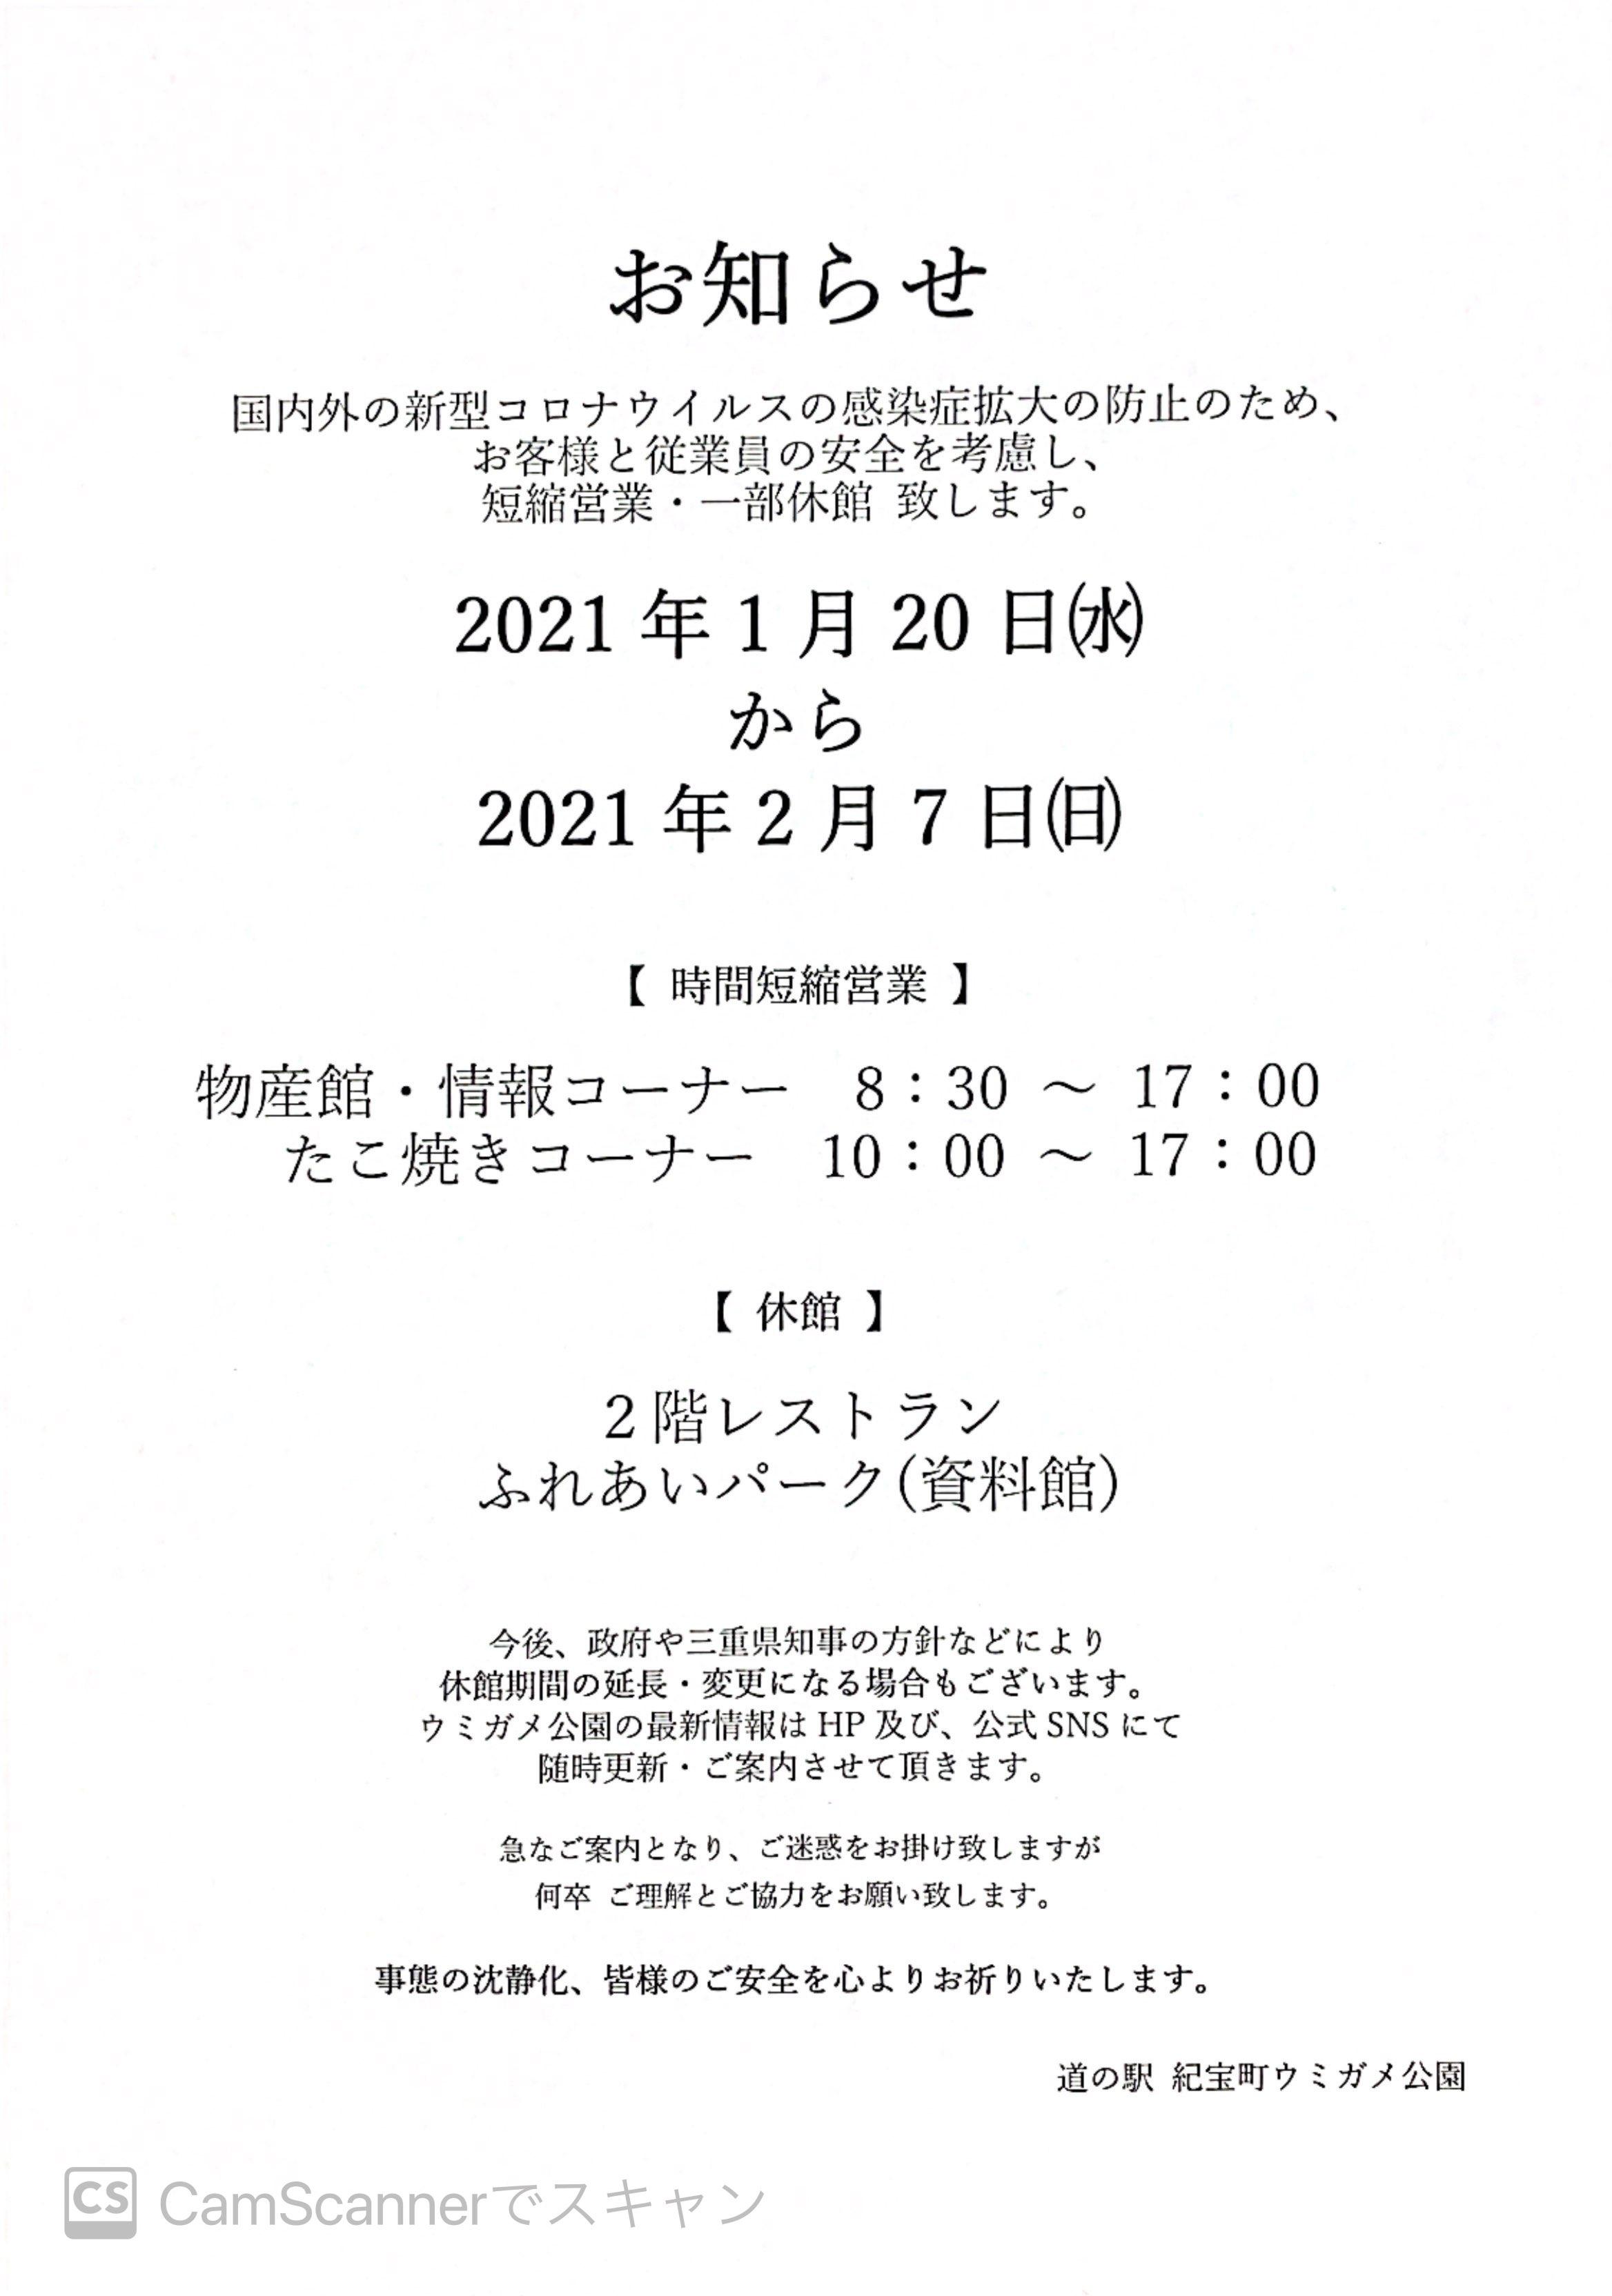 ウミガメ新聞 詳細面